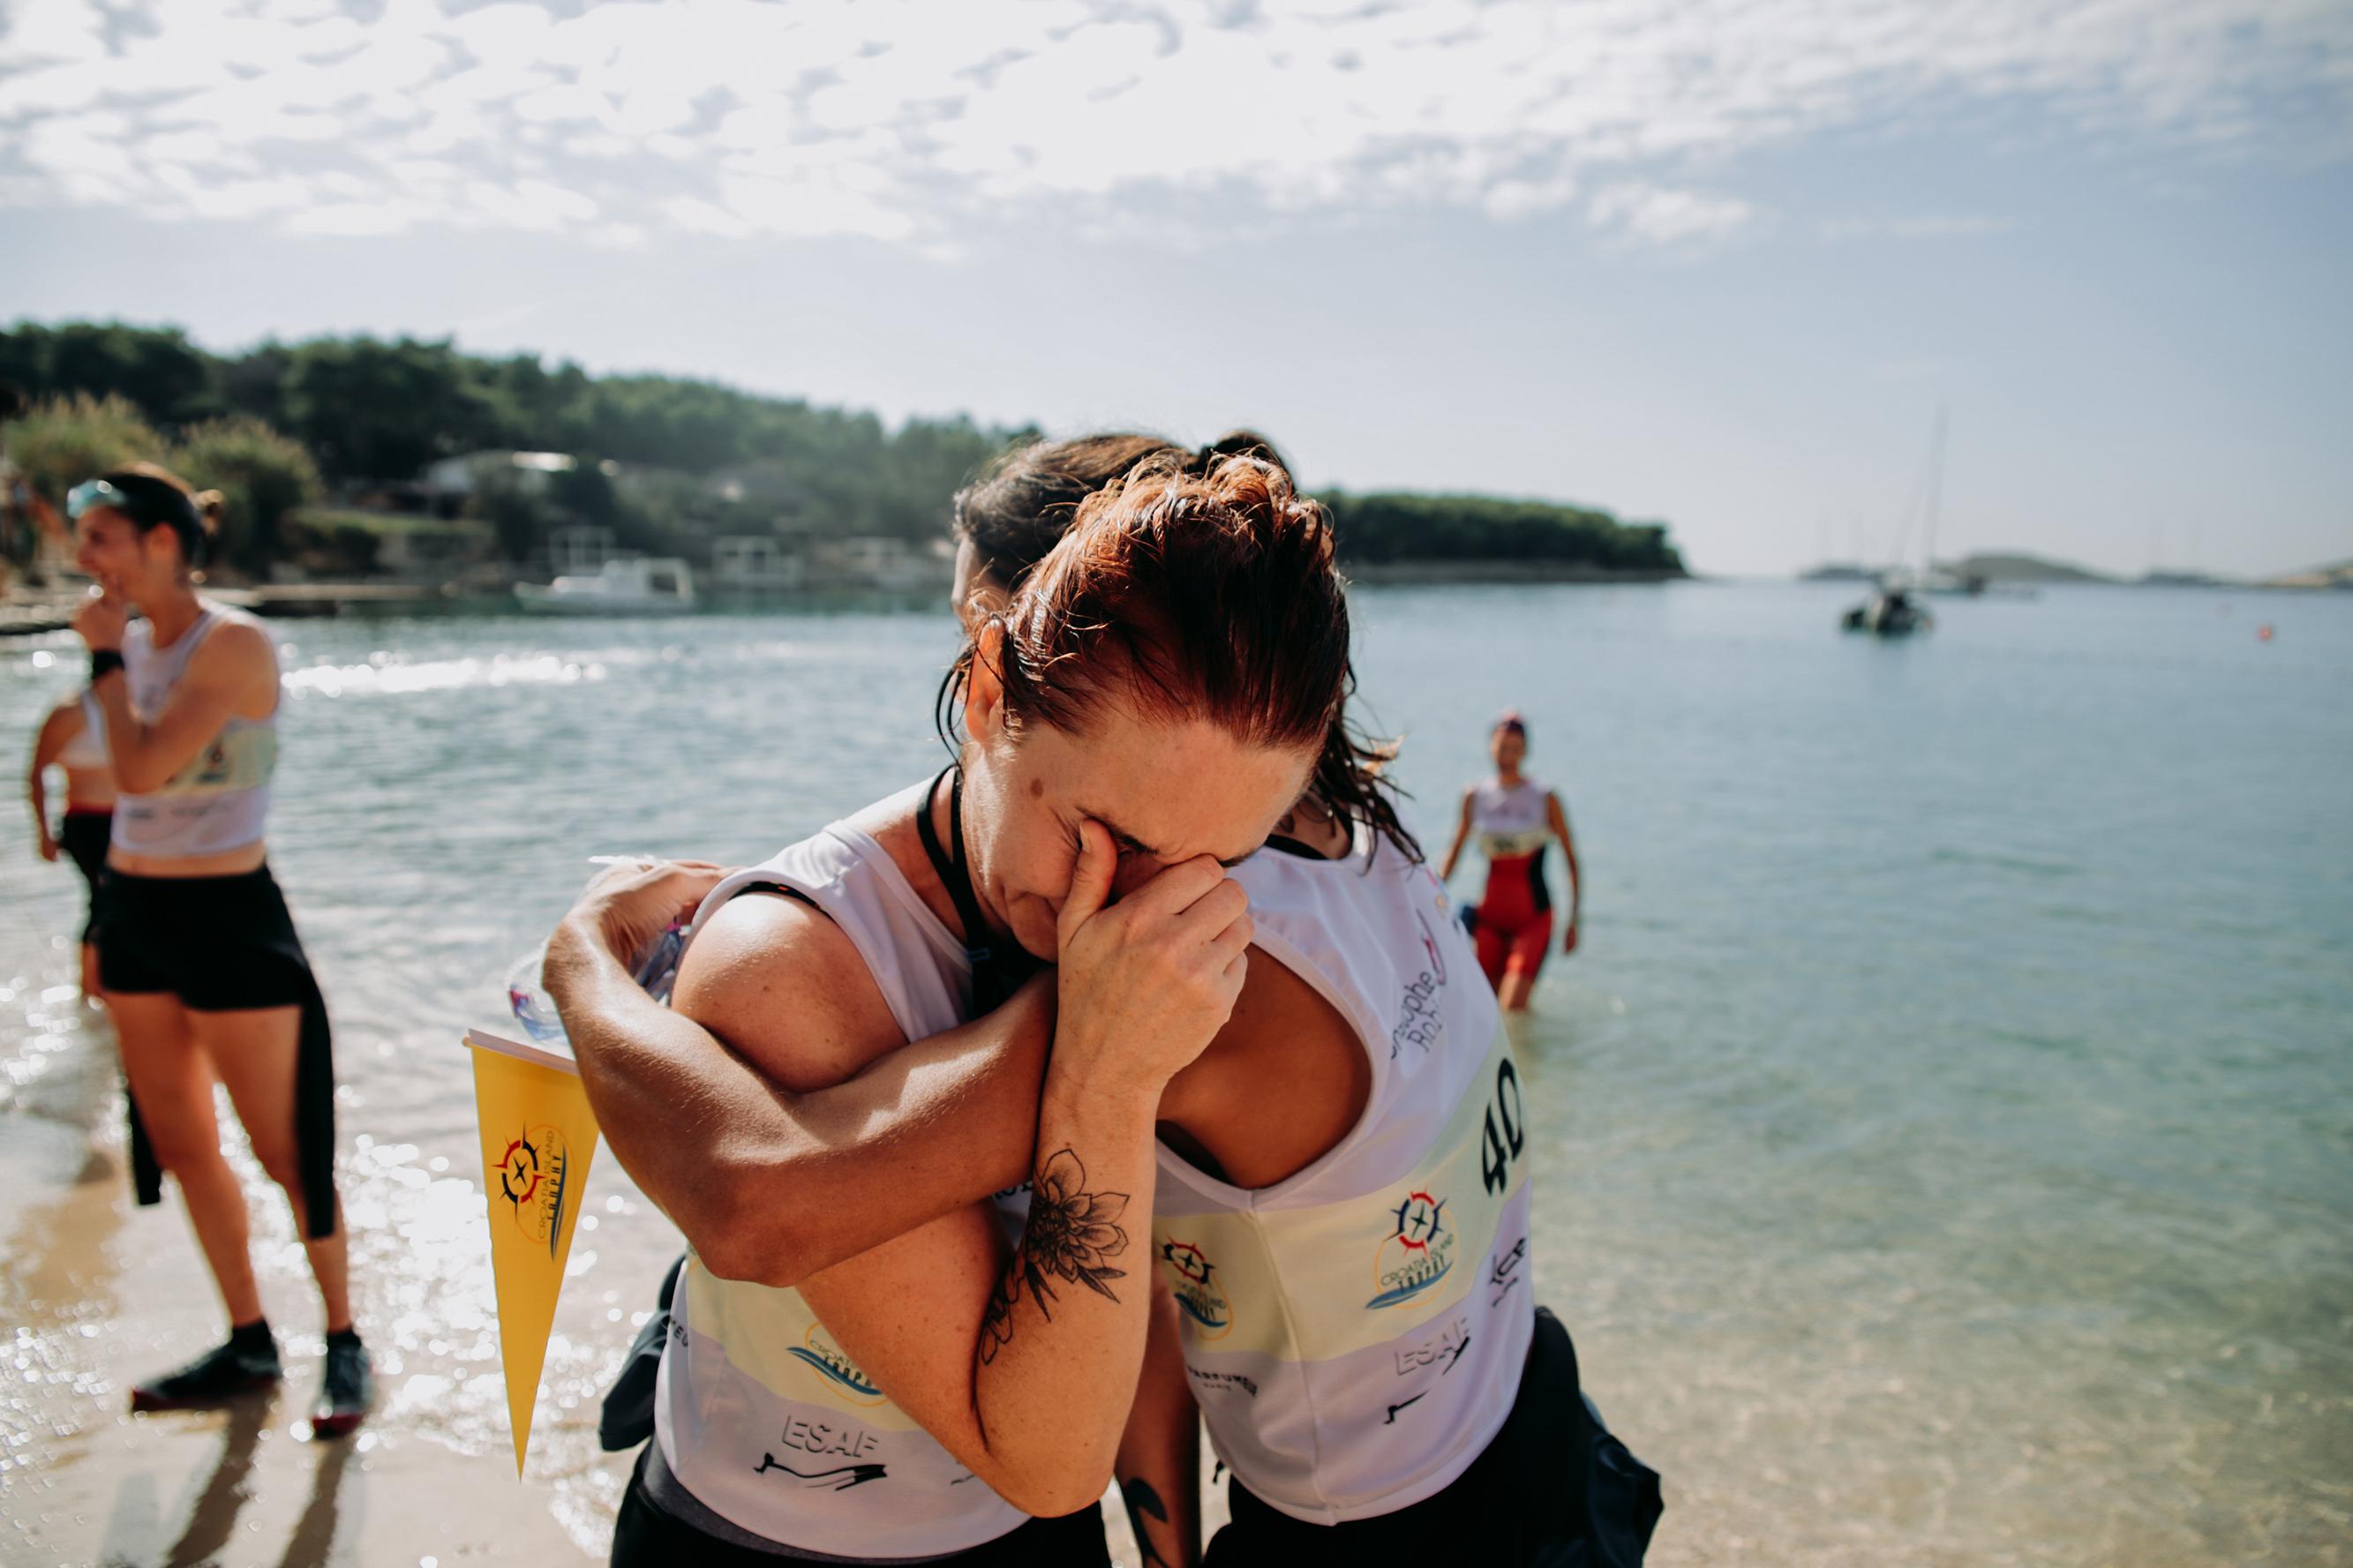 croatia island trophy 2018 raid féminin sportif